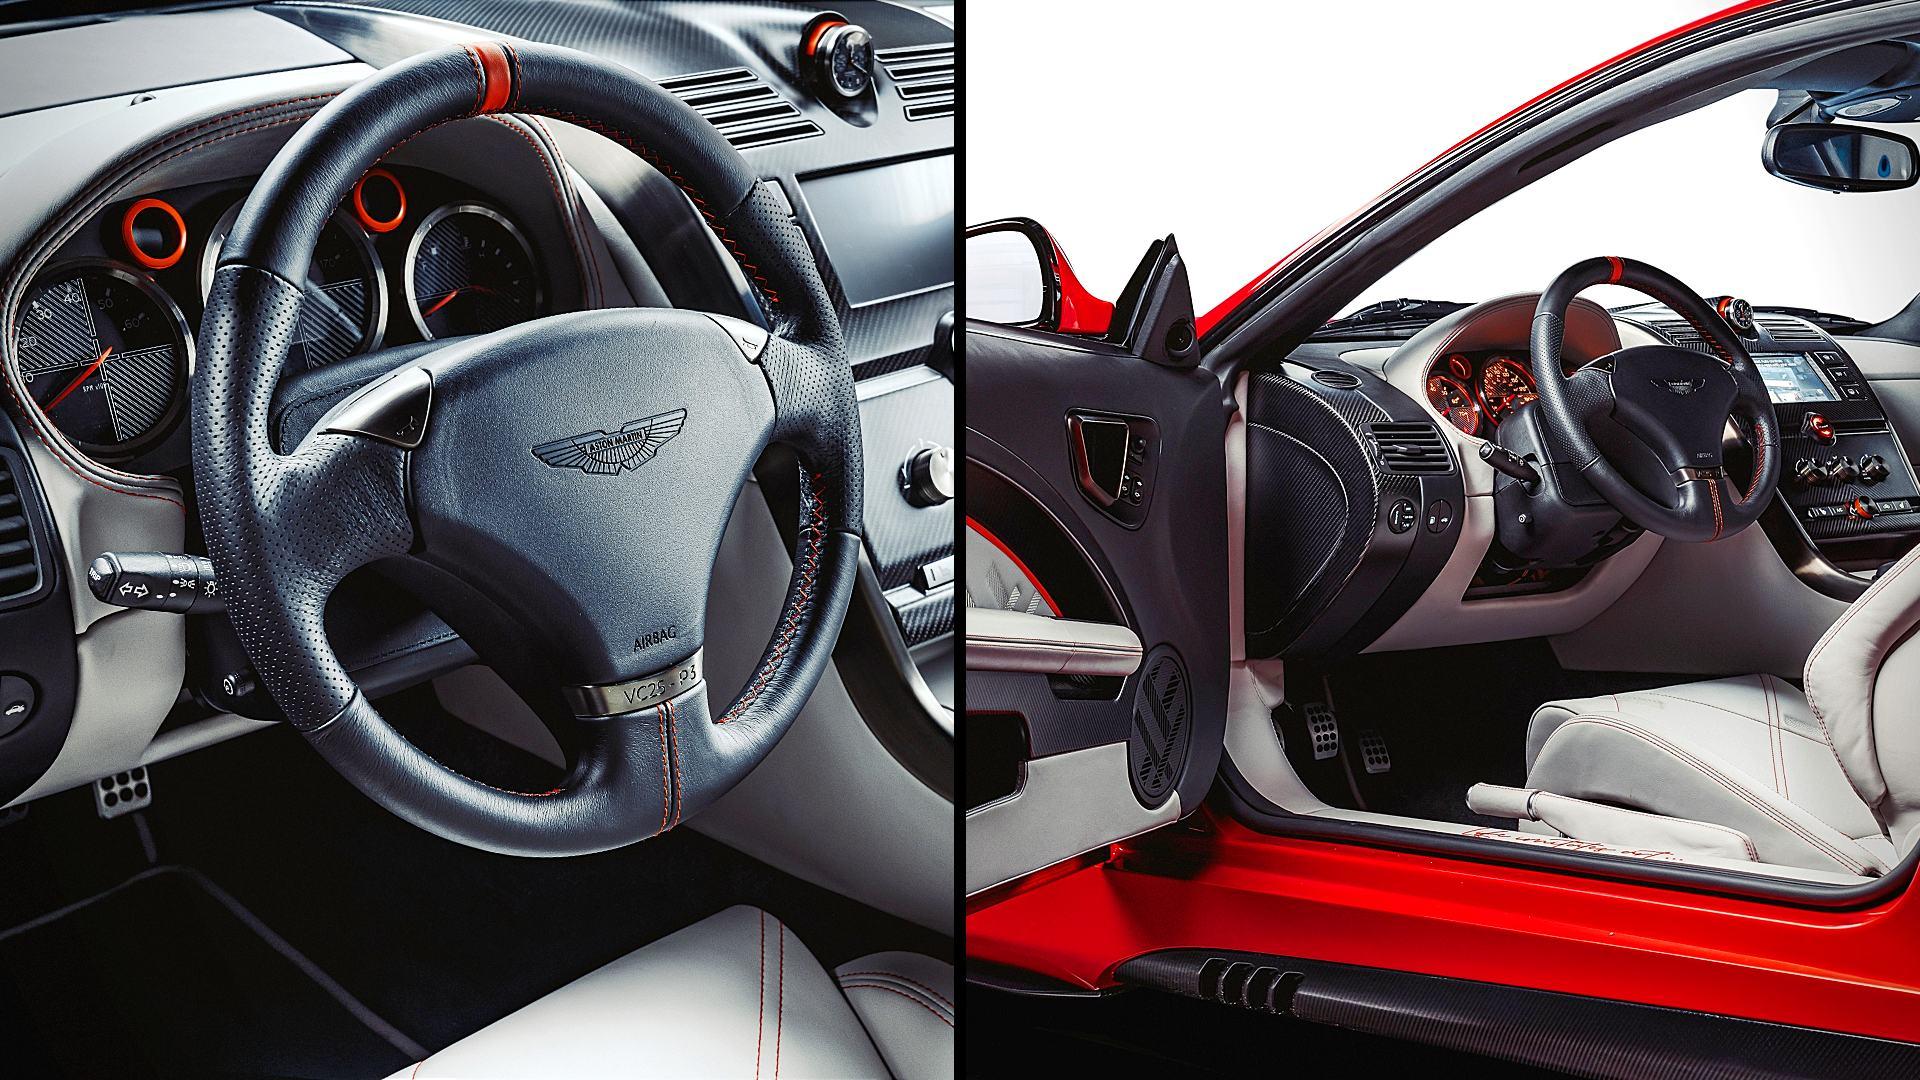 2020 Aston Martin Vanquish 25 Interior Inside